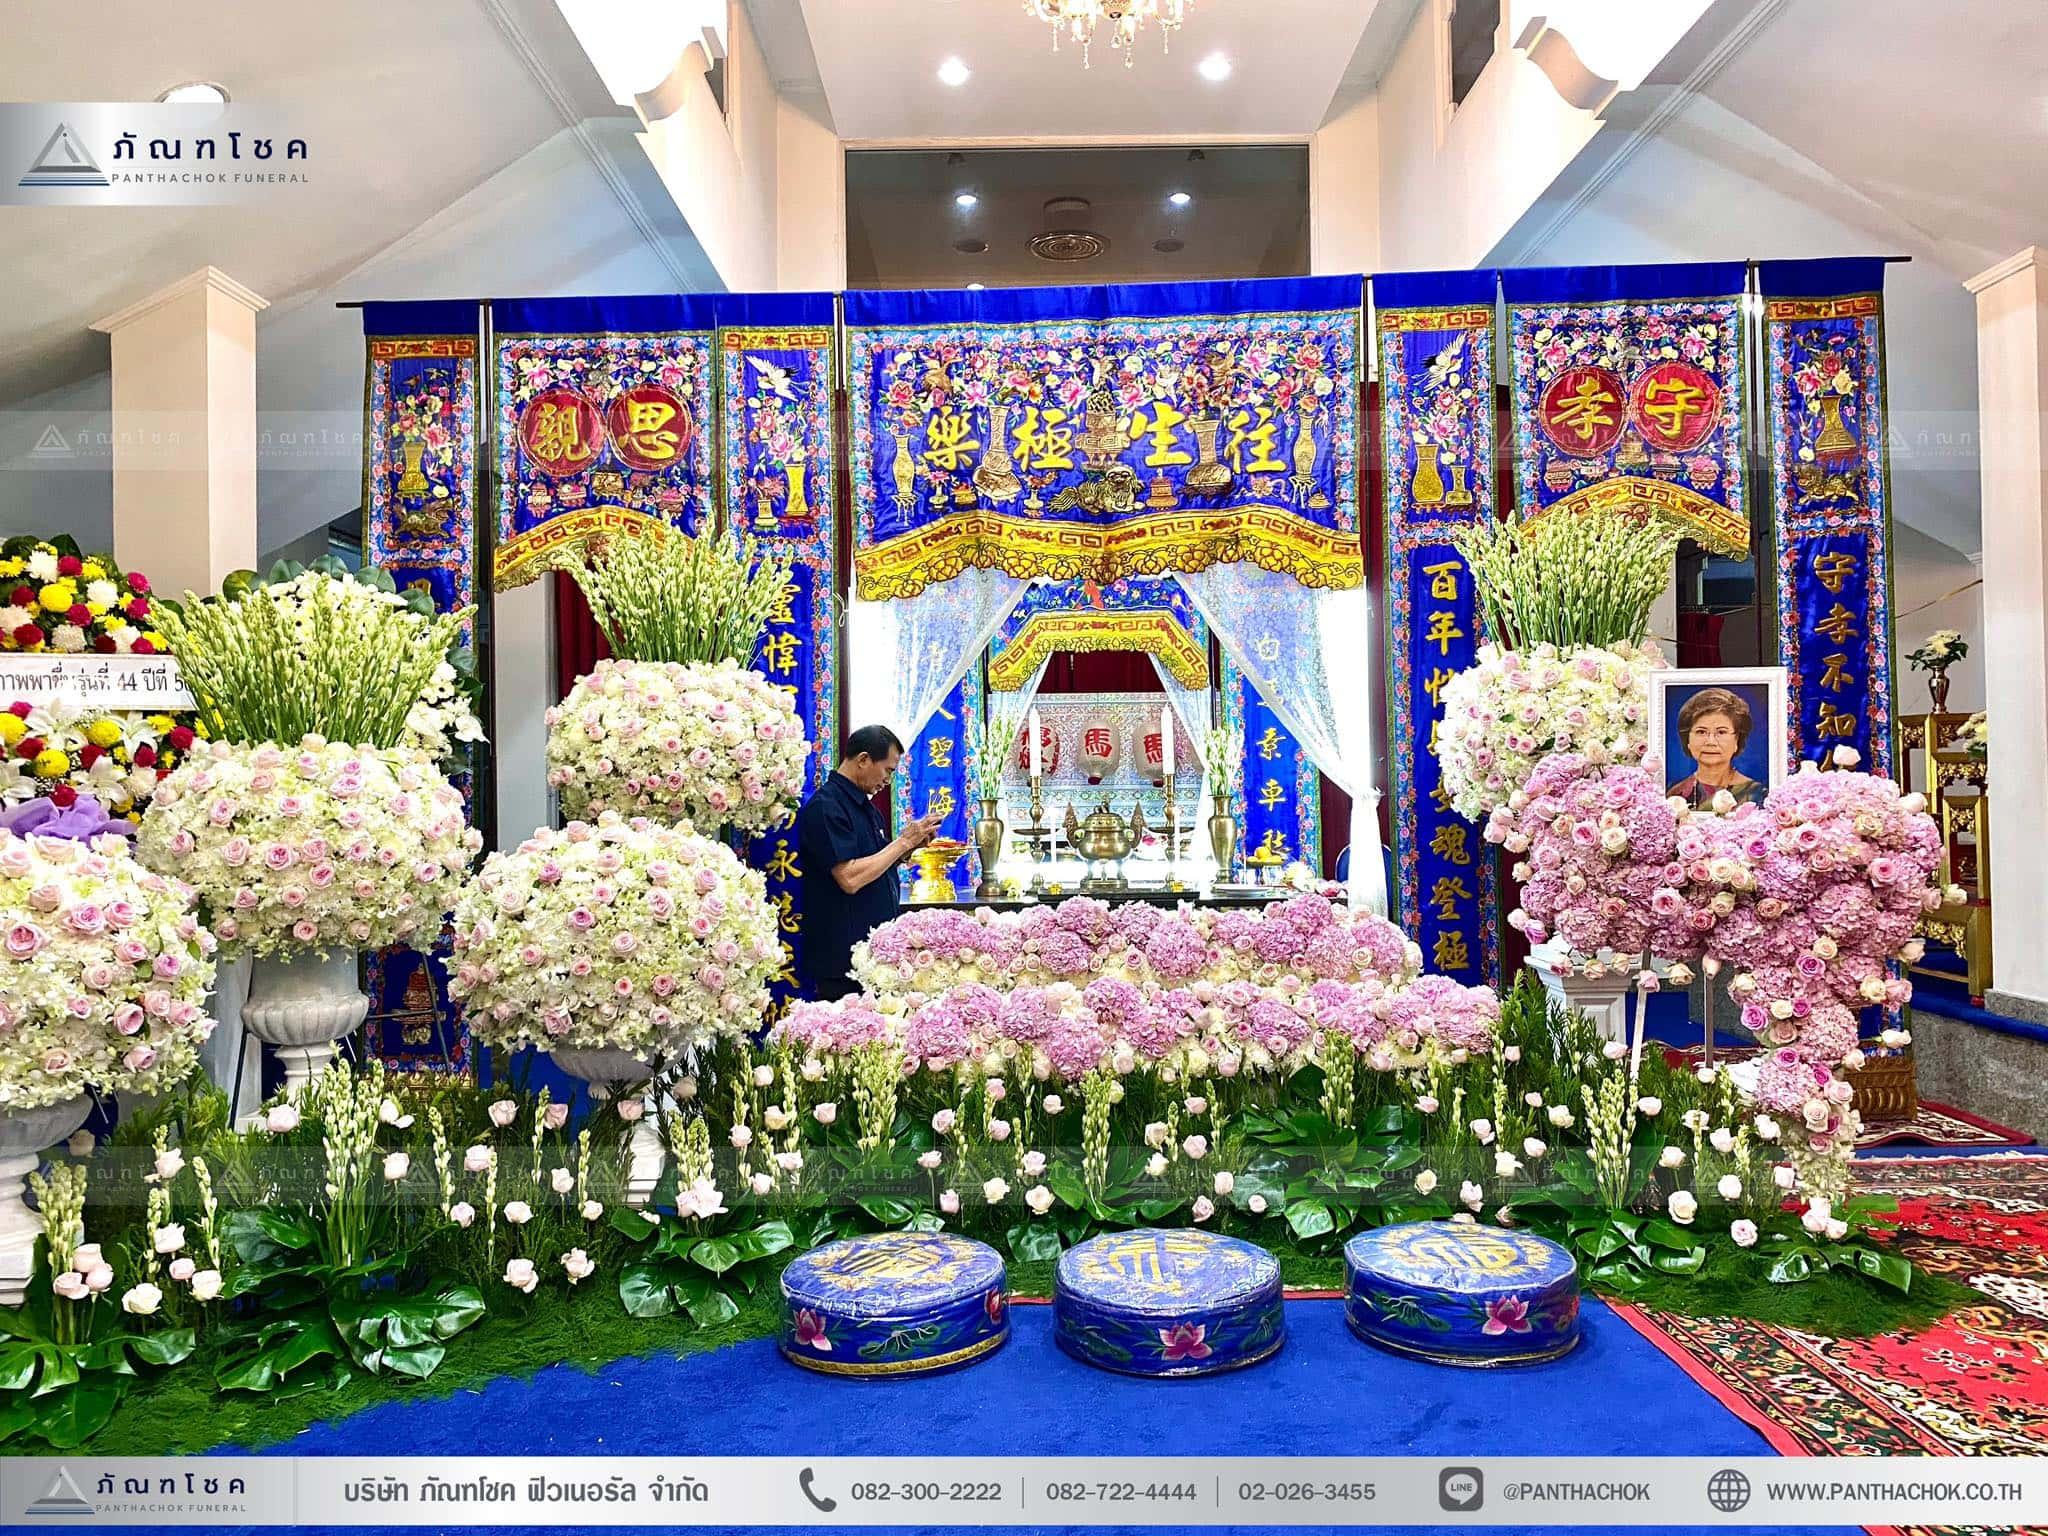 ดอกไม้งานศพ รับจัดดอกไม้งานศพทั่วประเทศ